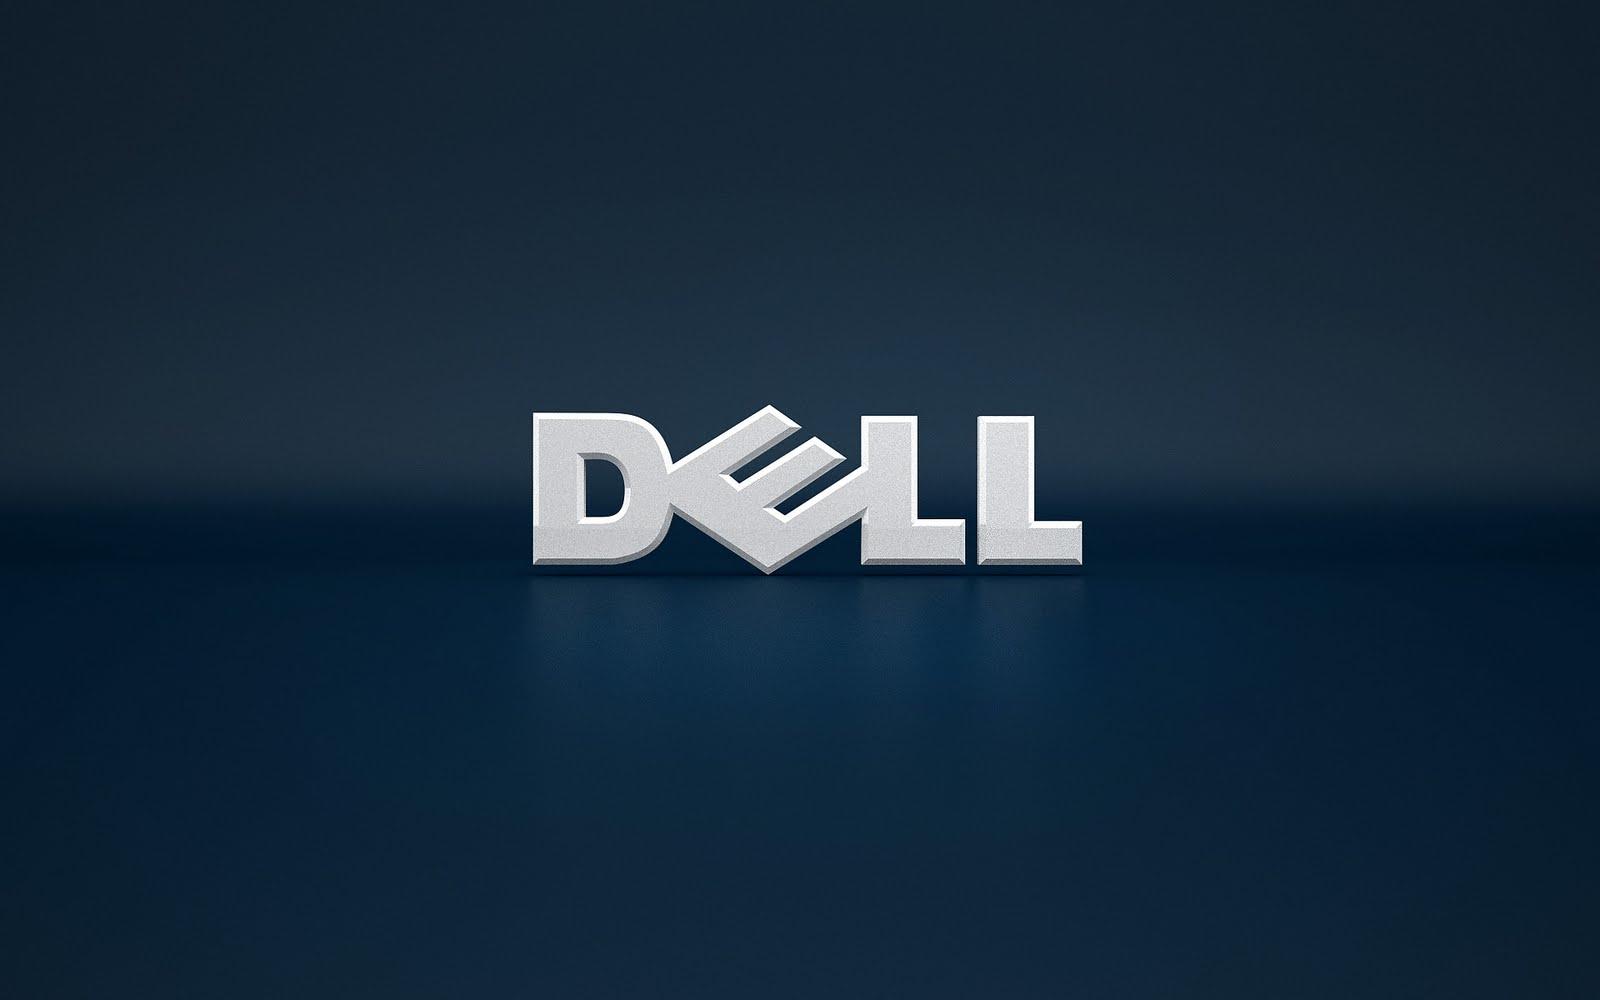 http://3.bp.blogspot.com/__iQioQ8yx0k/S-9PJTgQS0I/AAAAAAAAAU8/kHrRh0b6n8Q/s1600/Dell_Logo_Wallpaper.jpg